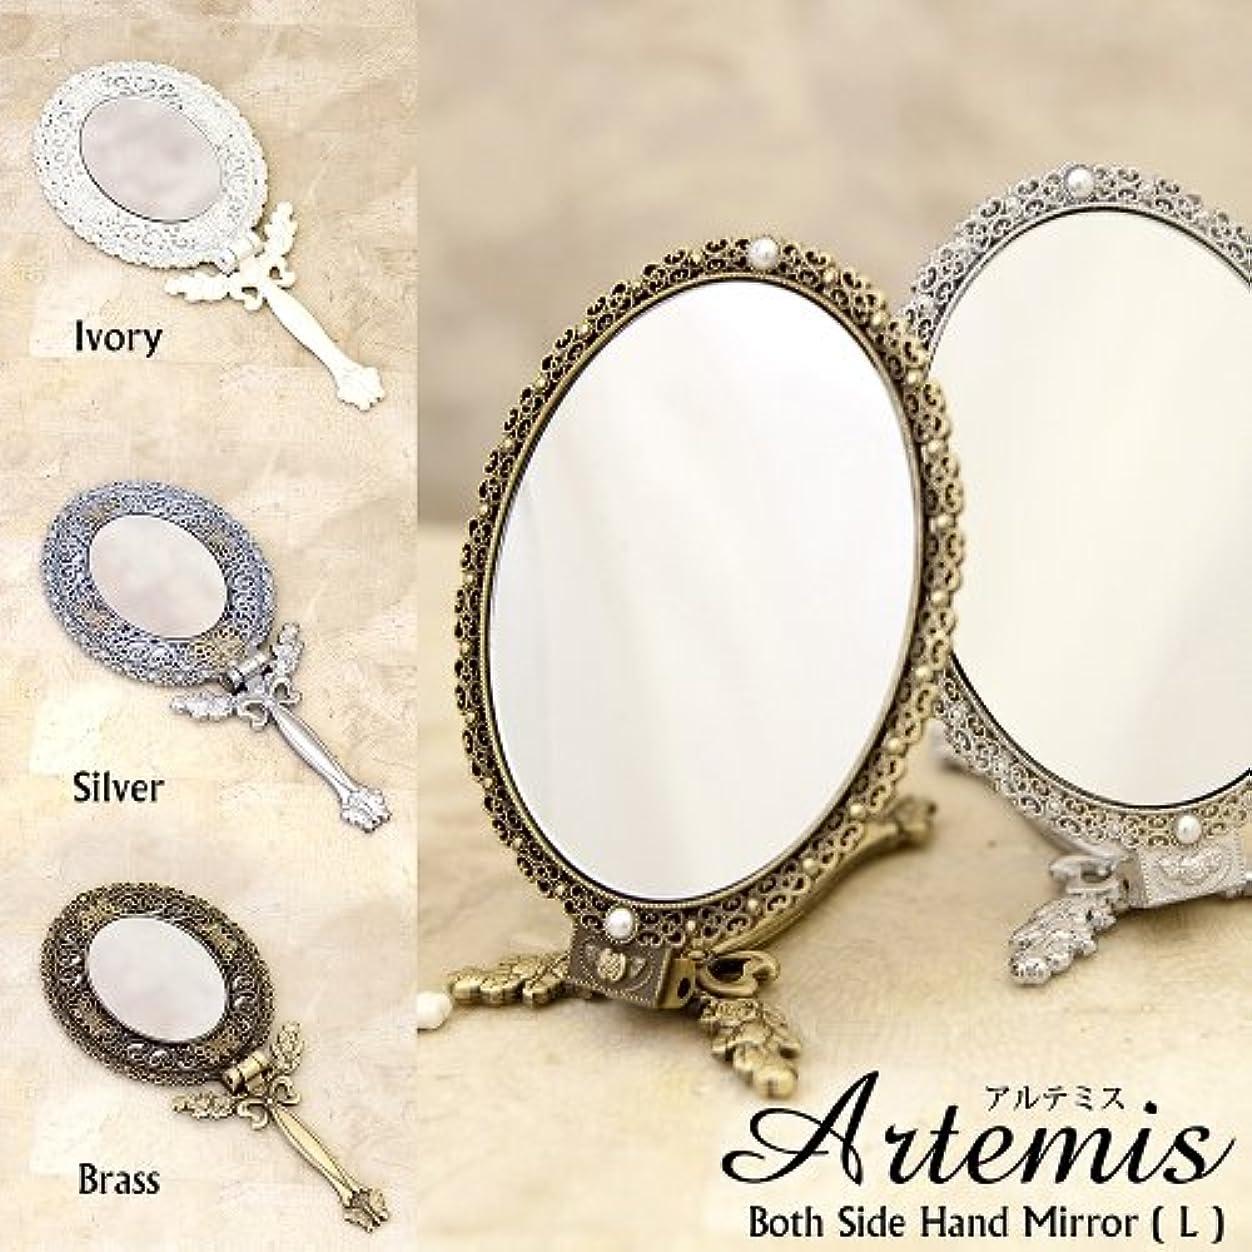 洗剤参照上アルテミス[ボスサイド ハンドミラー(L)]<手鏡> 【Brass L】